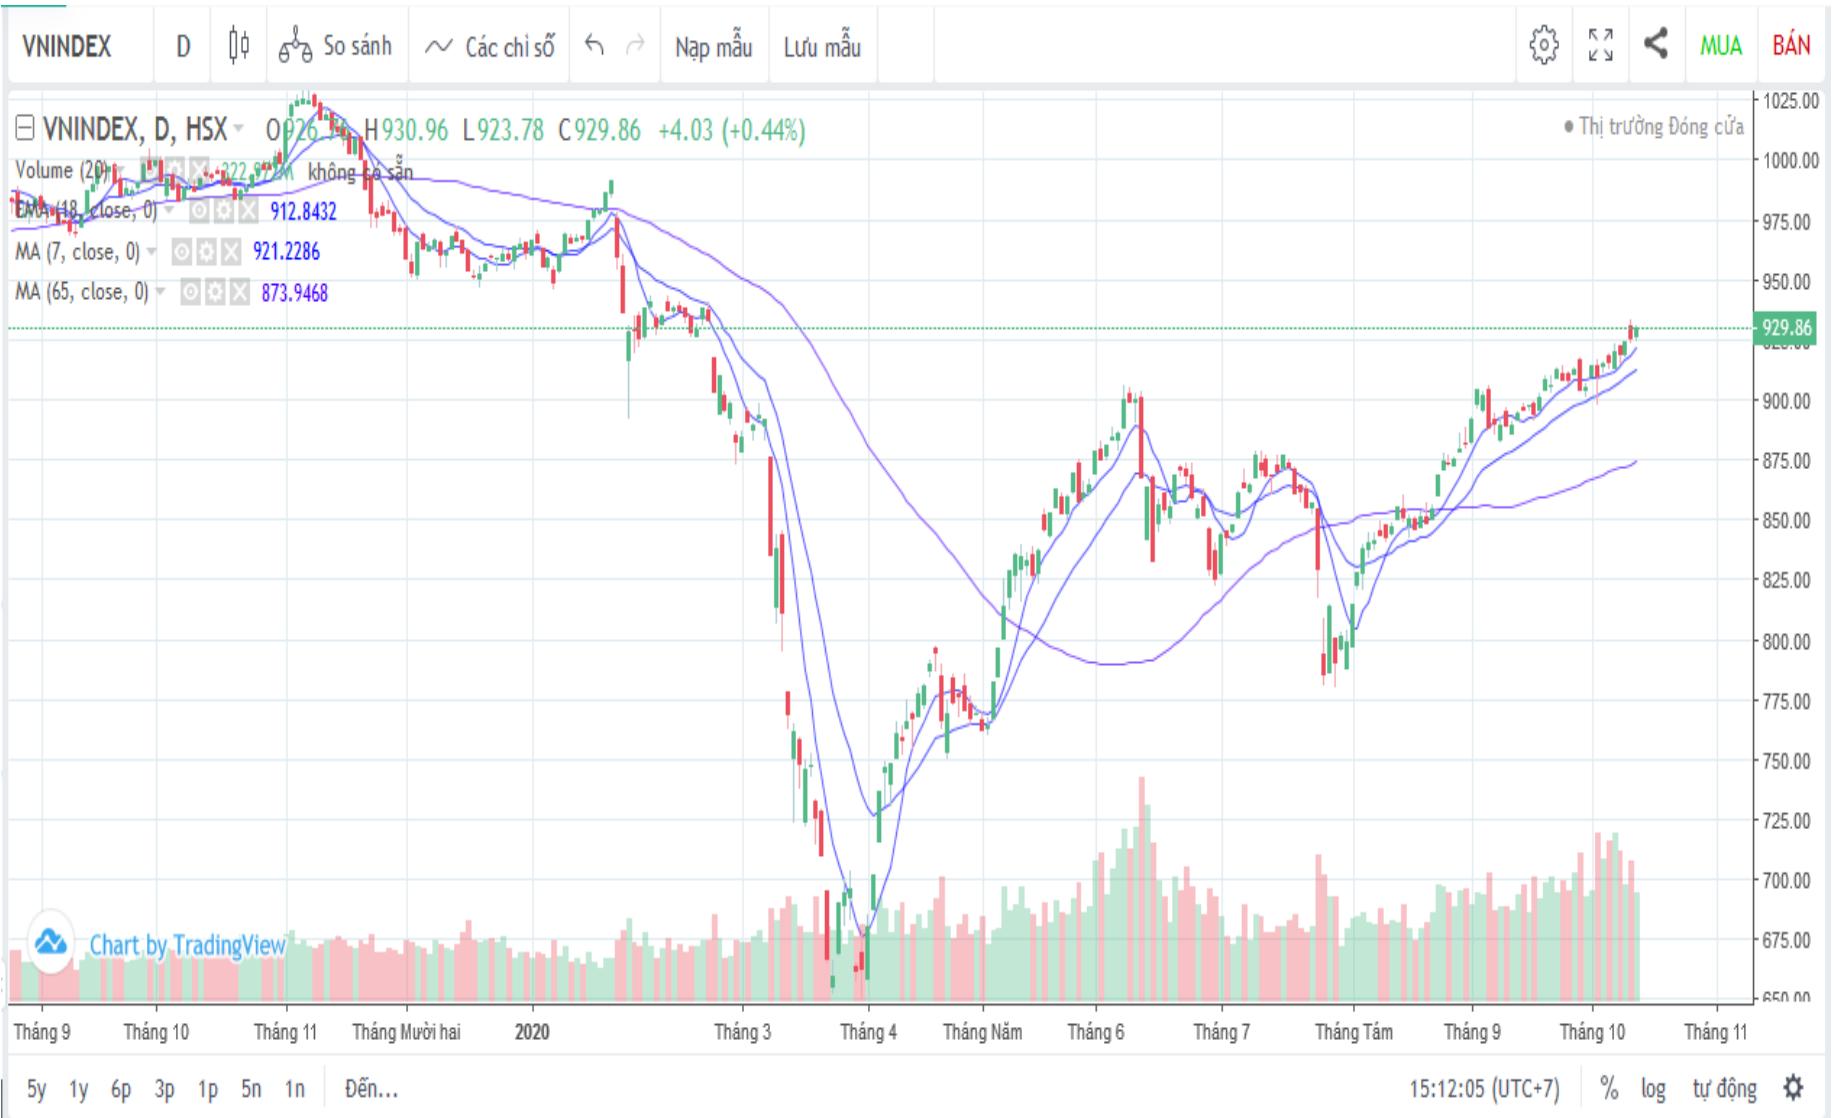 Nhận định thị trường chứng khoán ngày 14/10: Thận trọng khi rủi ro ngắn hạn gia tăng - Ảnh 1.